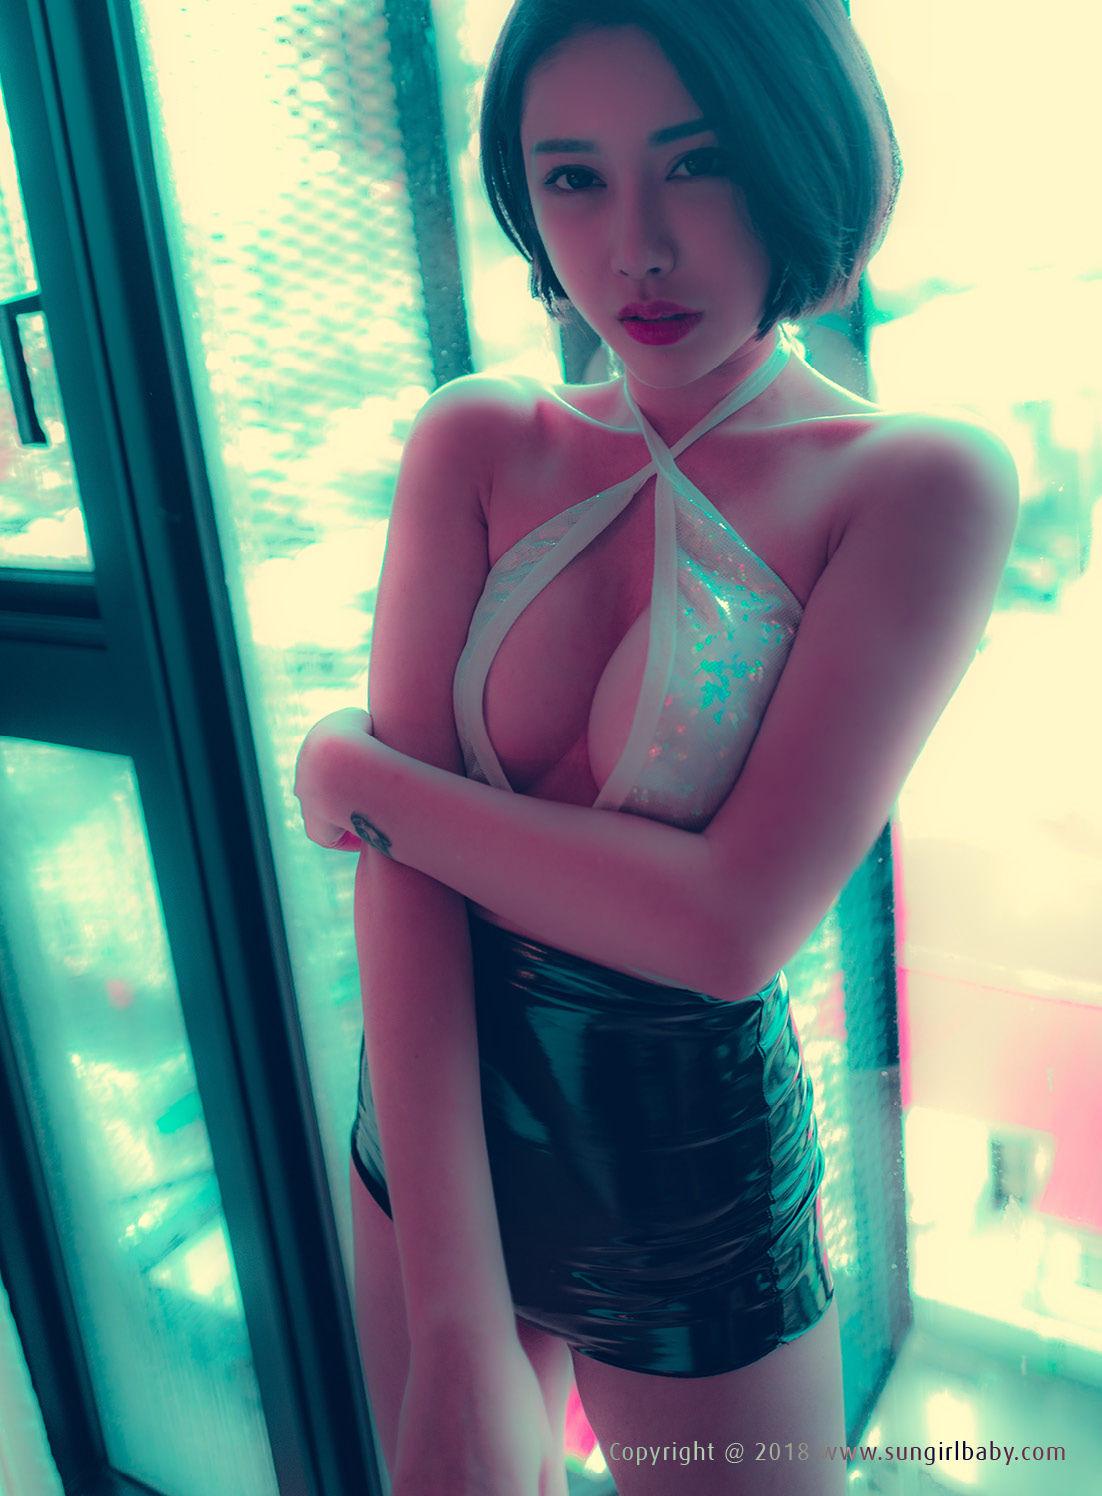 VOL.285 [阳光宝贝]美胸人体艺术惊艳:龚映璇(龚颖涵Queenie)超高清个人性感漂亮大图(47P)